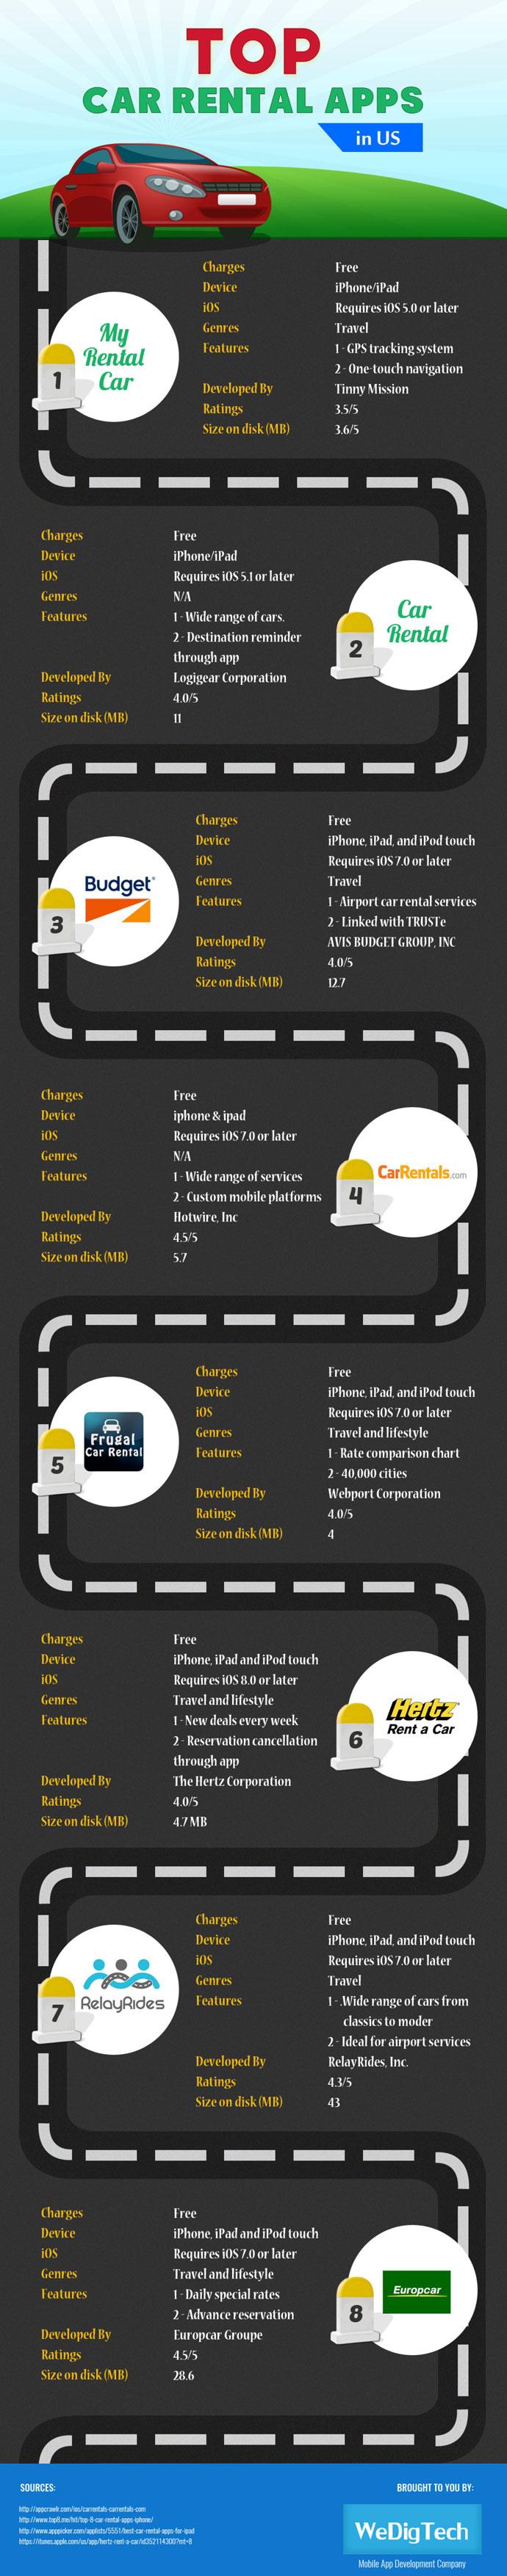 top-car-rental-apps-in-us